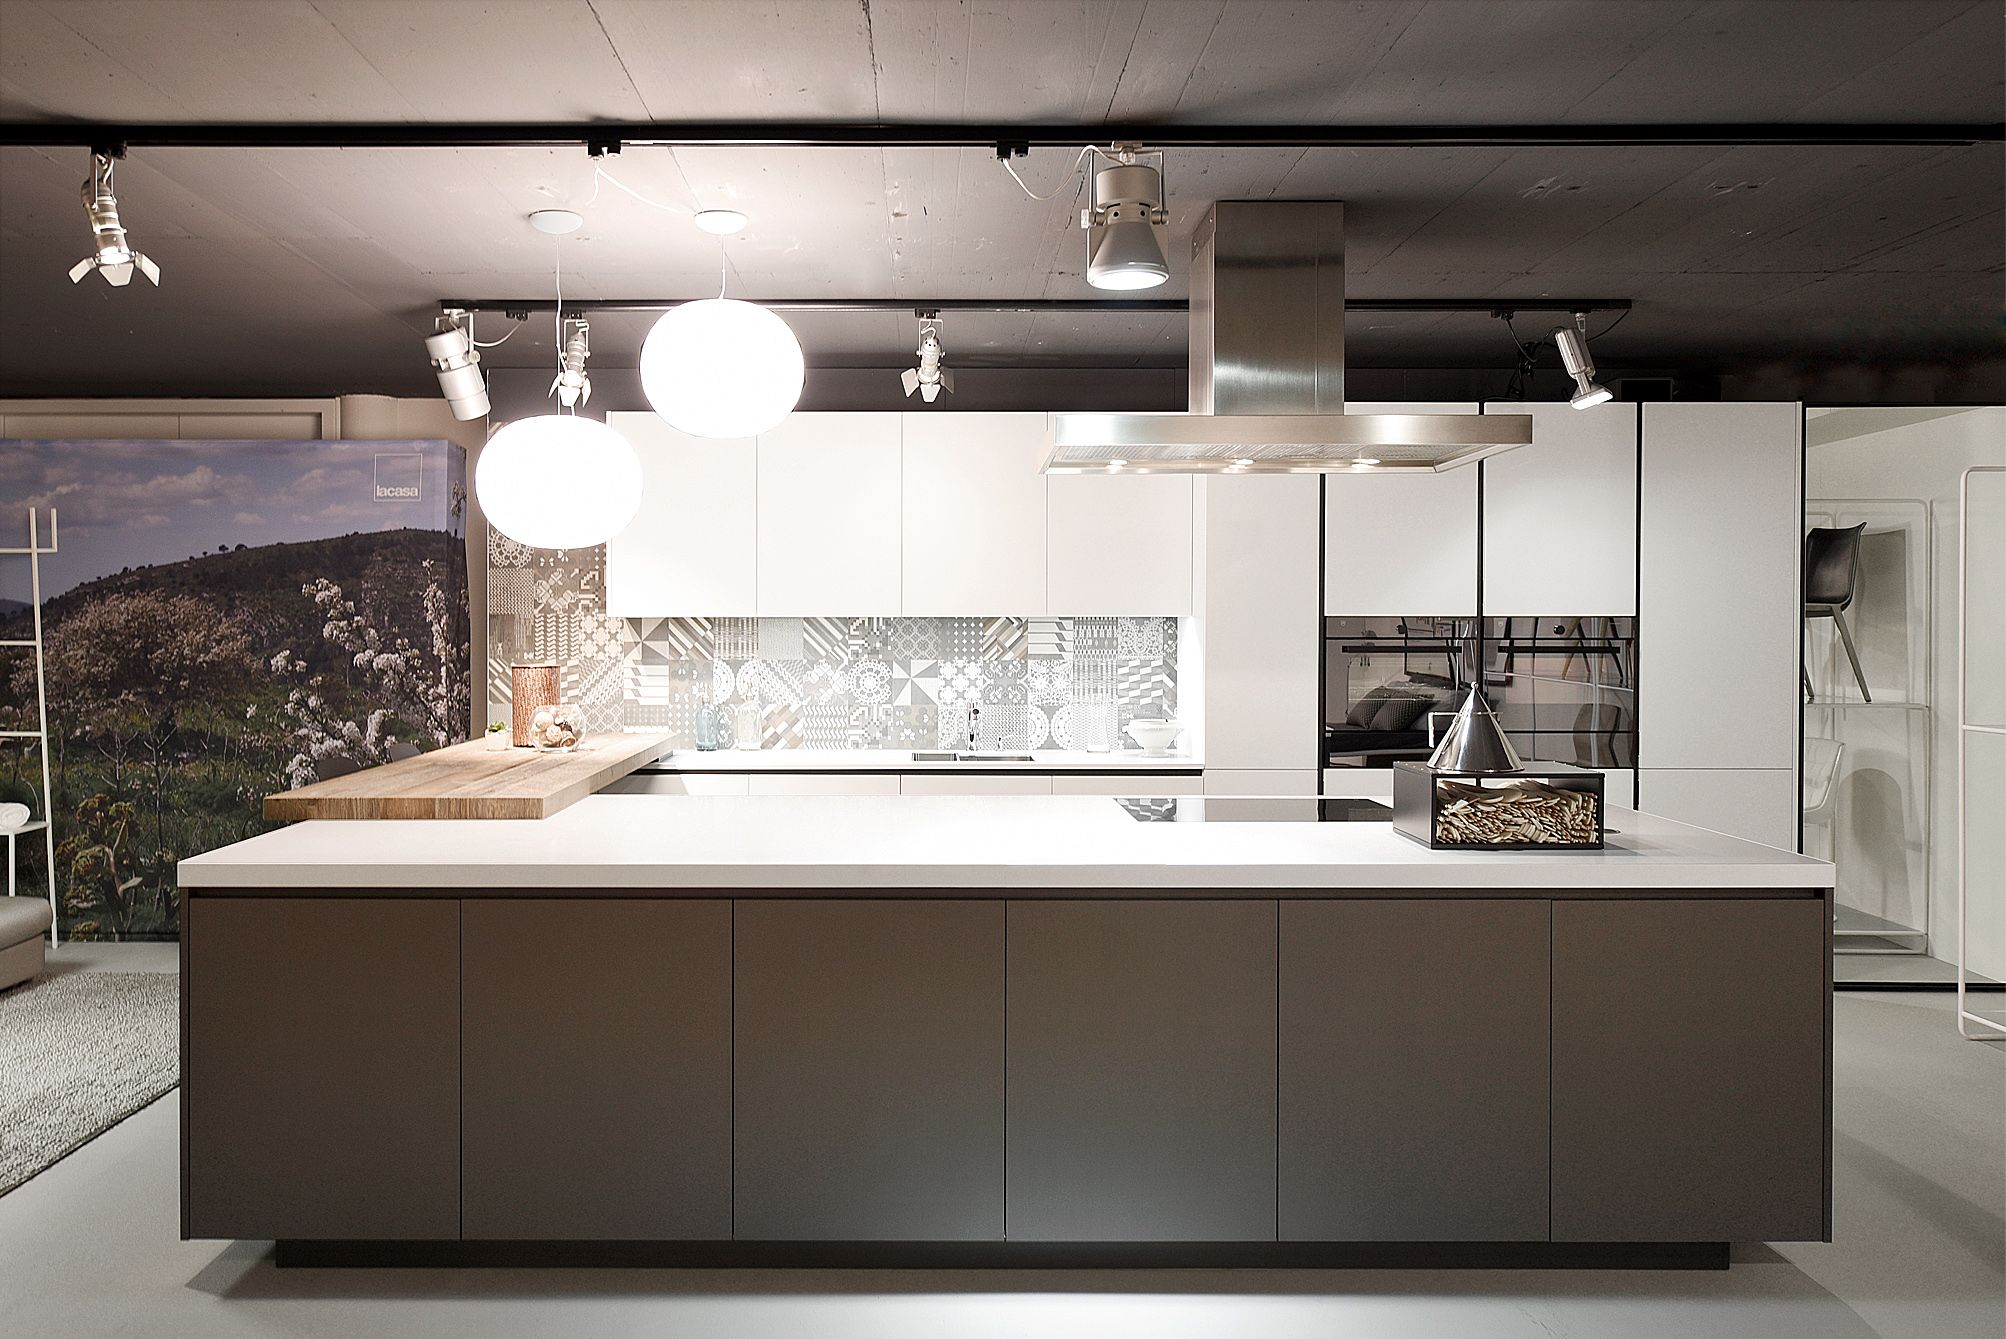 Varenna Küchen ~ Cucine varenna poliform cucine design cucine su misura küchen